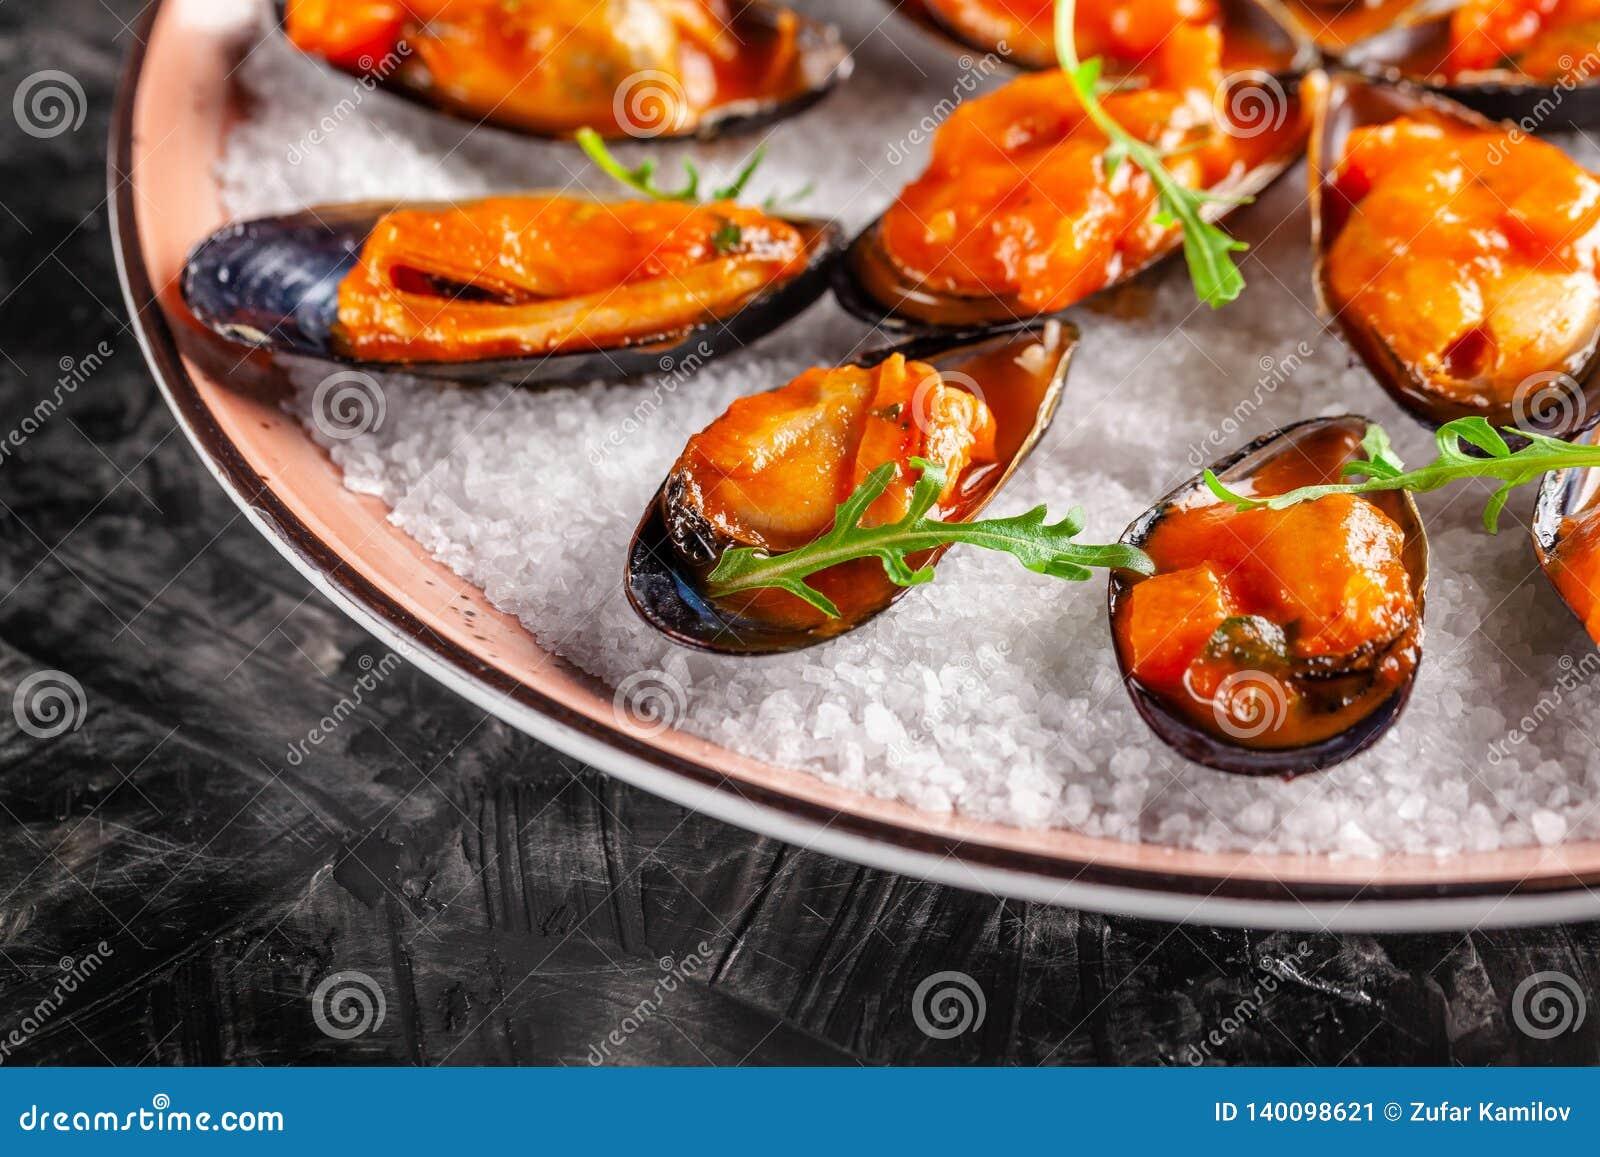 Europäische Küche Marinierte Miesmuscheln in der Tomatensauce mit Rosmarin, Knoblauch, Paprika Servierteller im Restaurant auf ei